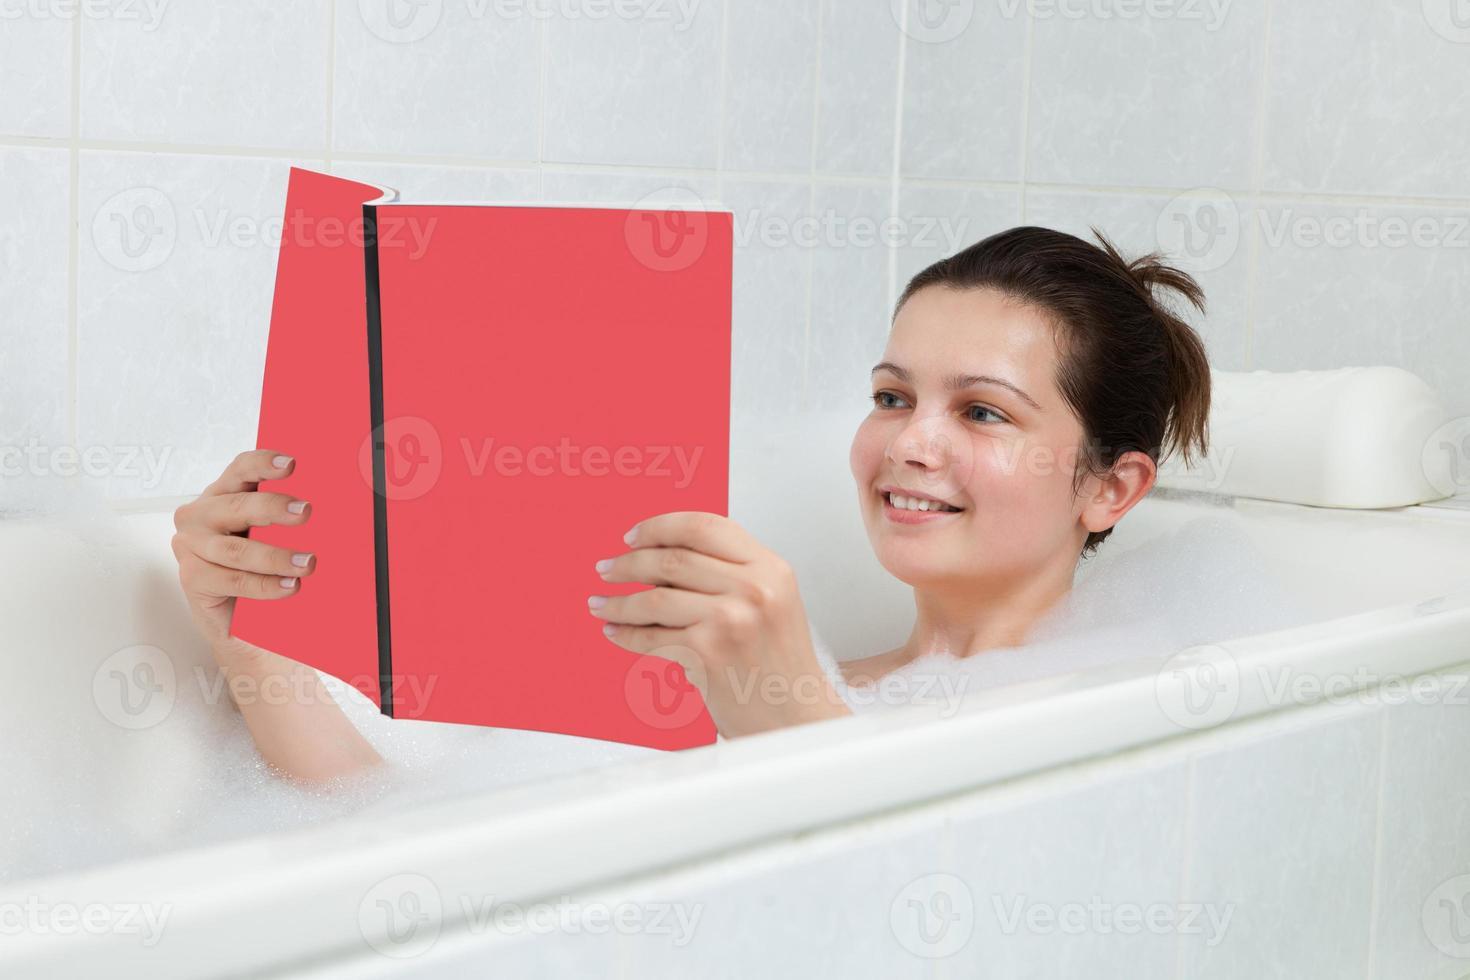 jovem mulher na banheira lendo livro foto